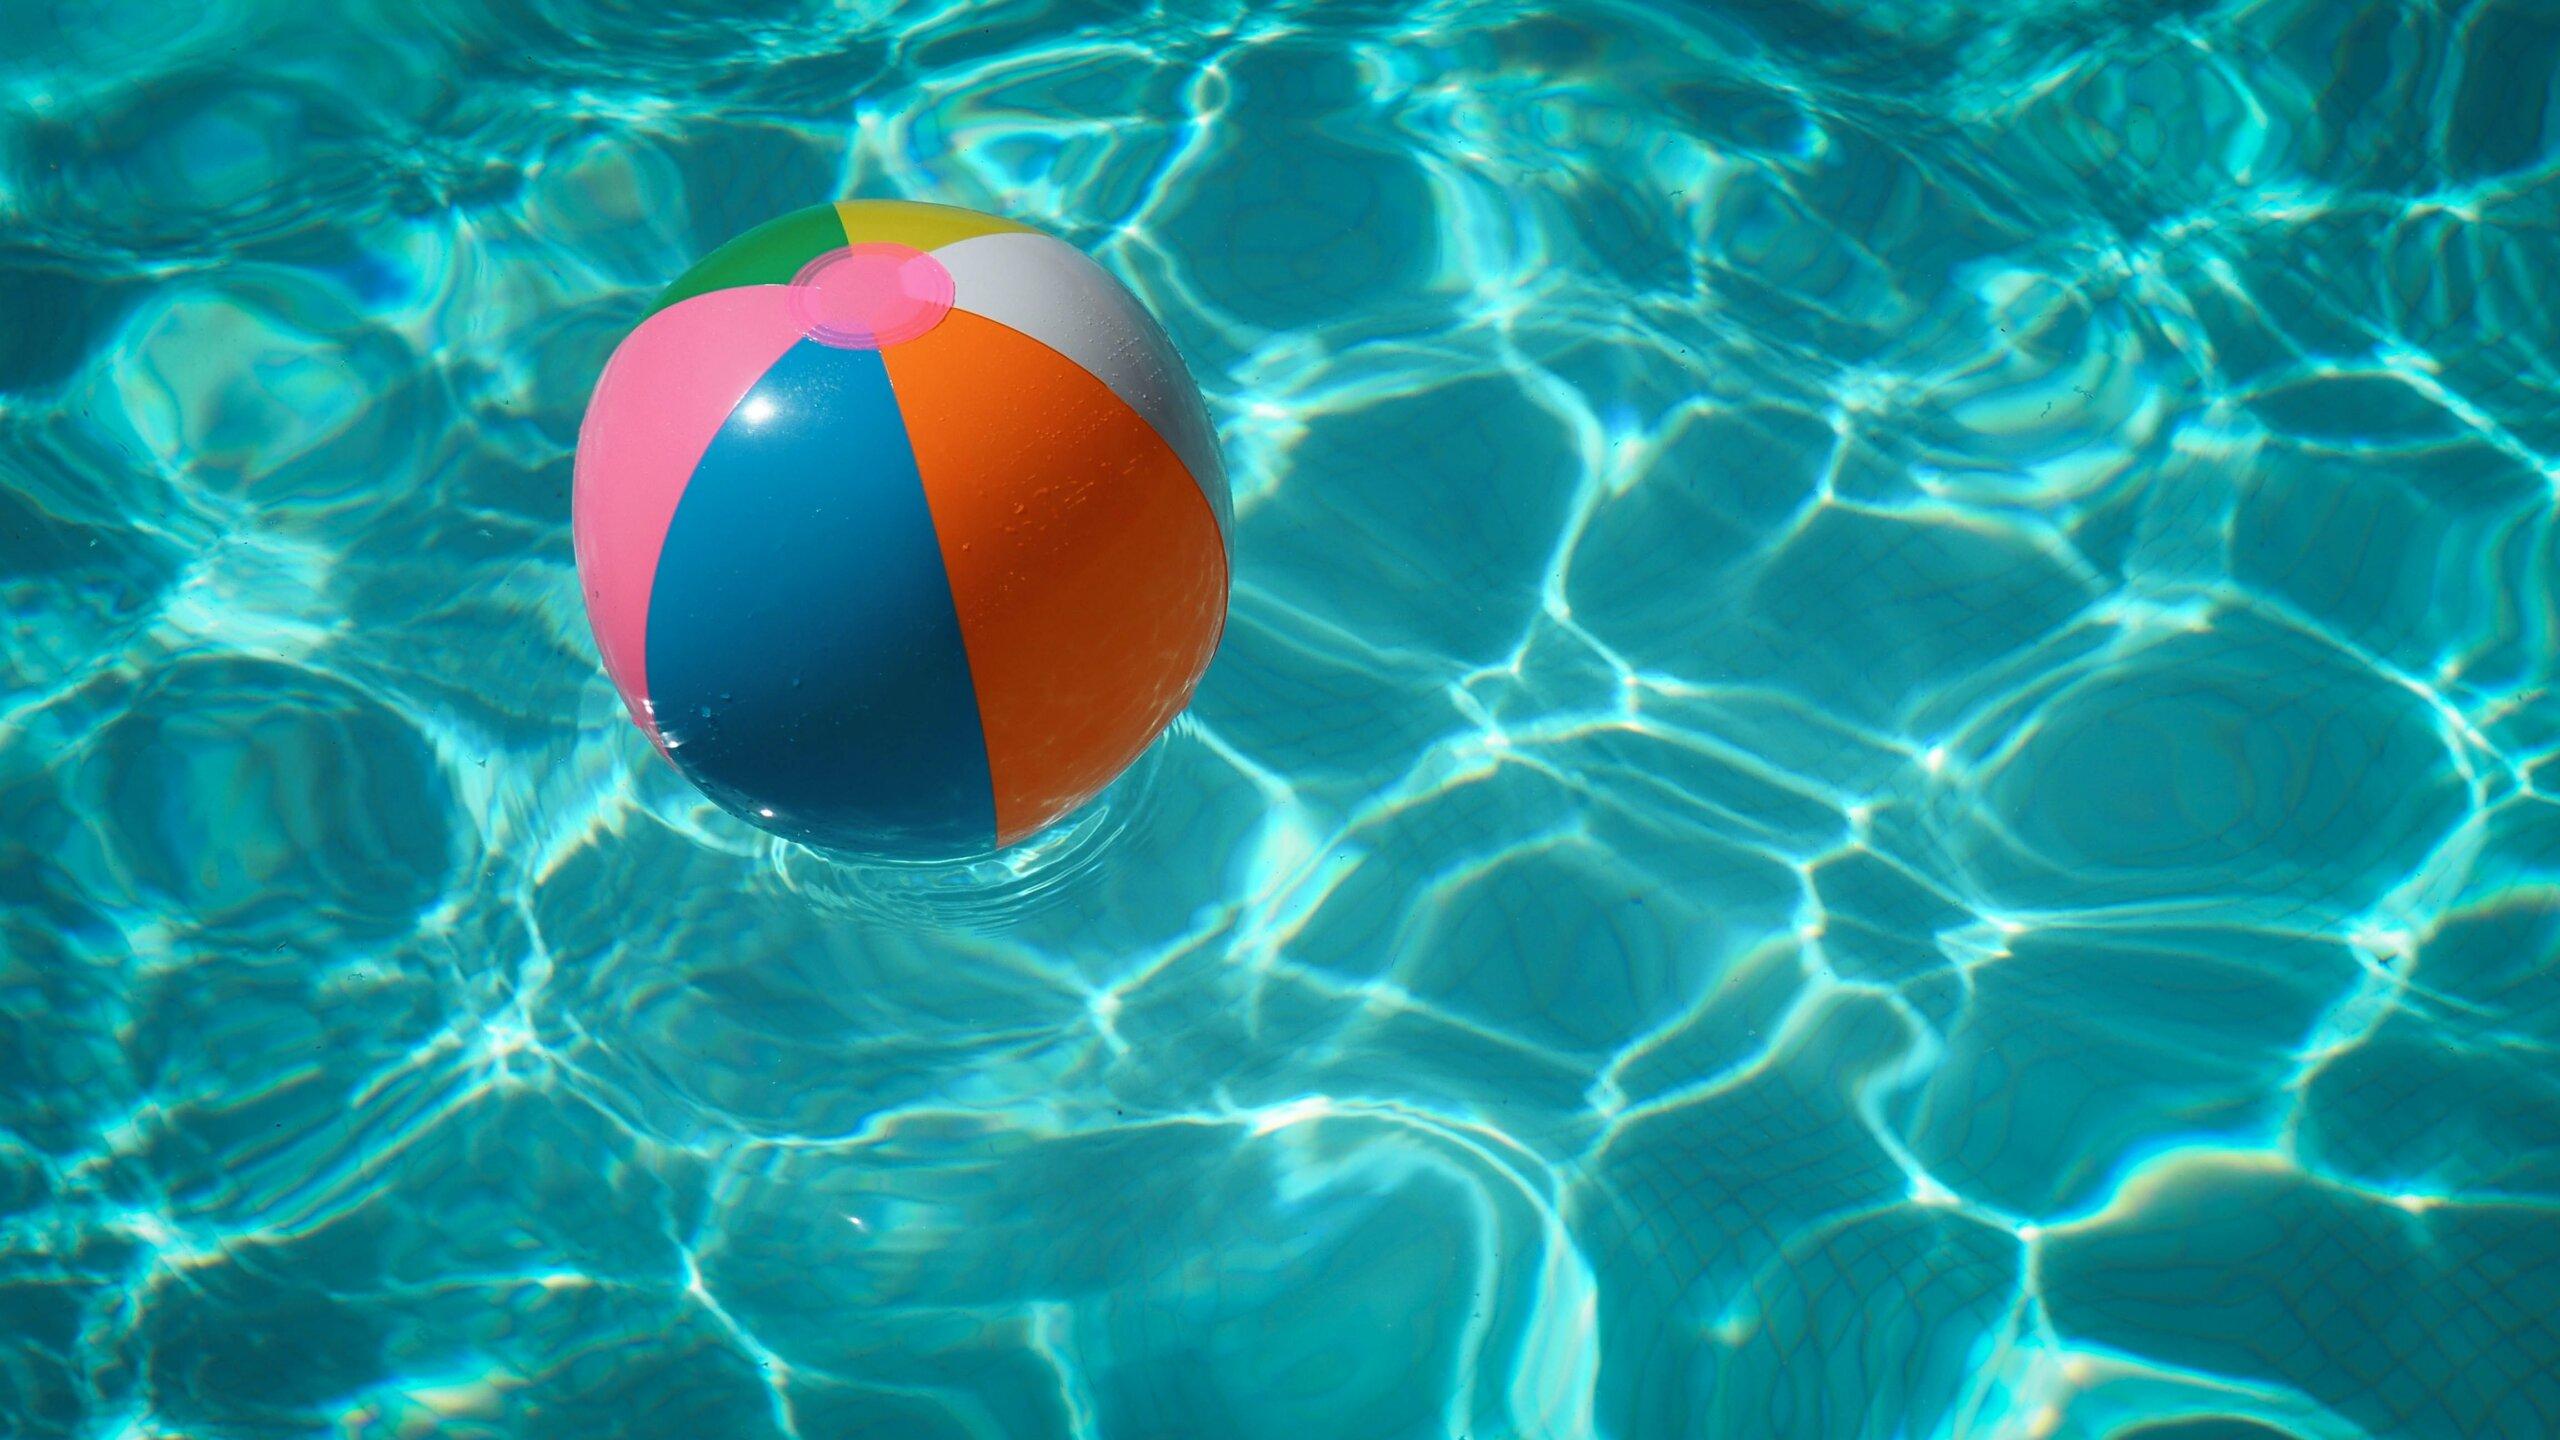 【米国株】今年の夏相場は、「夏枯れ」か、それとも「サマーラリー」に突入か。